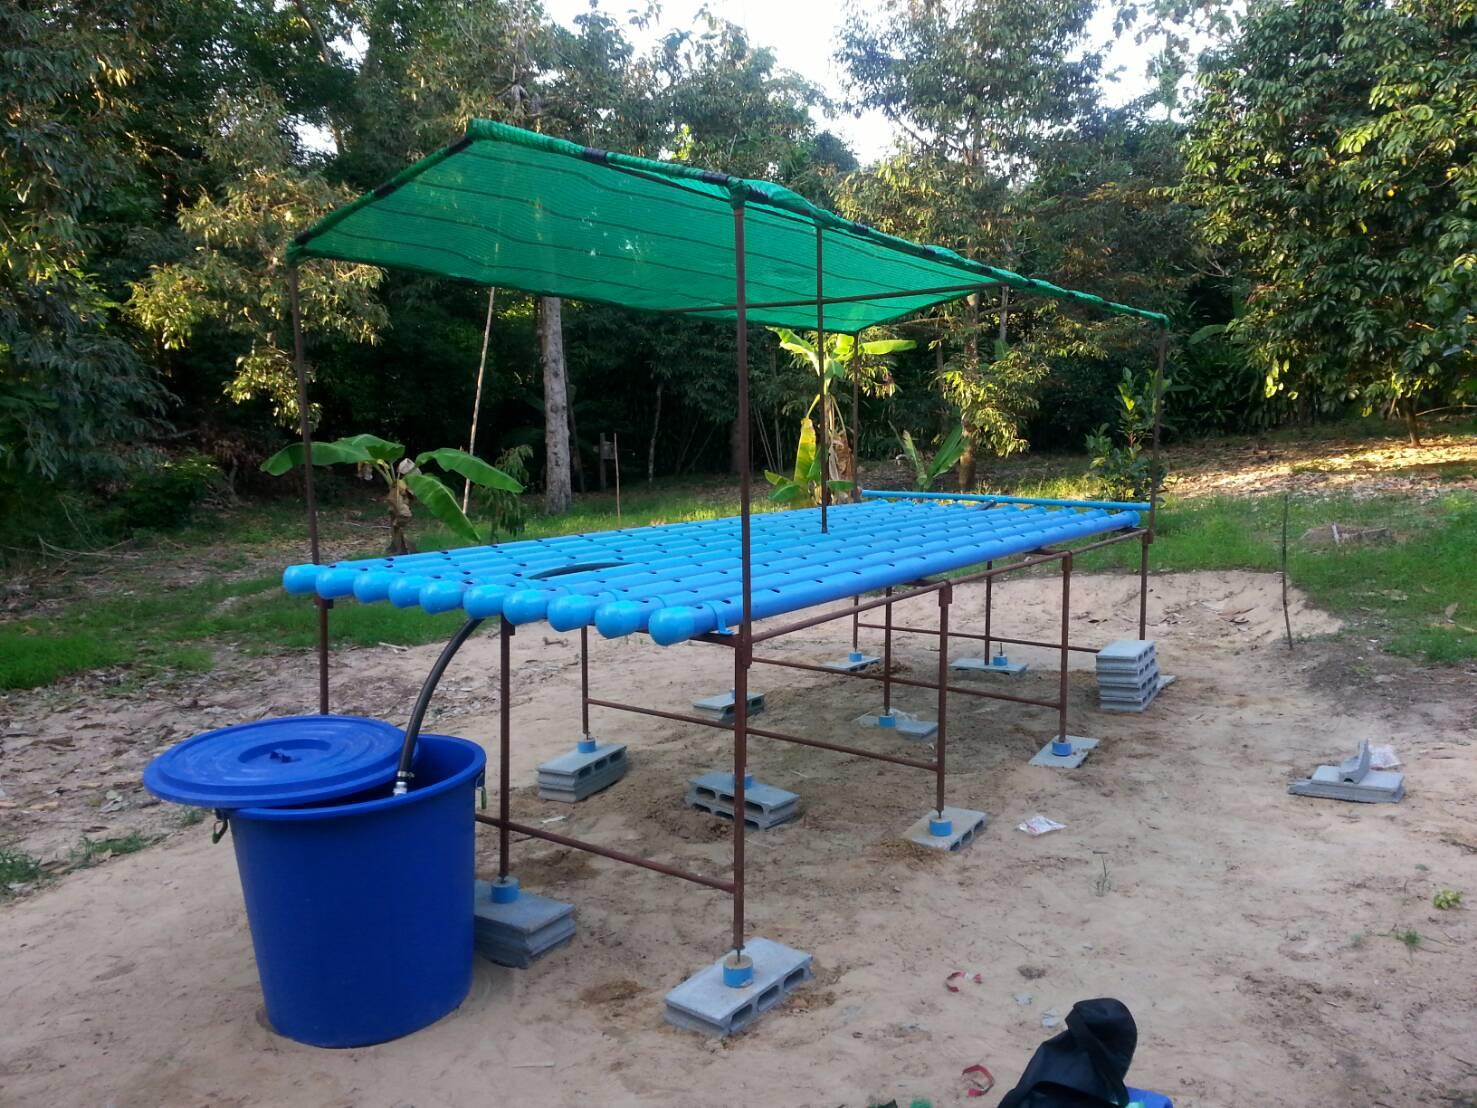 ชุดแปลงปลูกผักอัตโนมัติ ขนาด 150 หลุมปลูก ระบบน้ำขึ้น-น้ำลง(FAD)